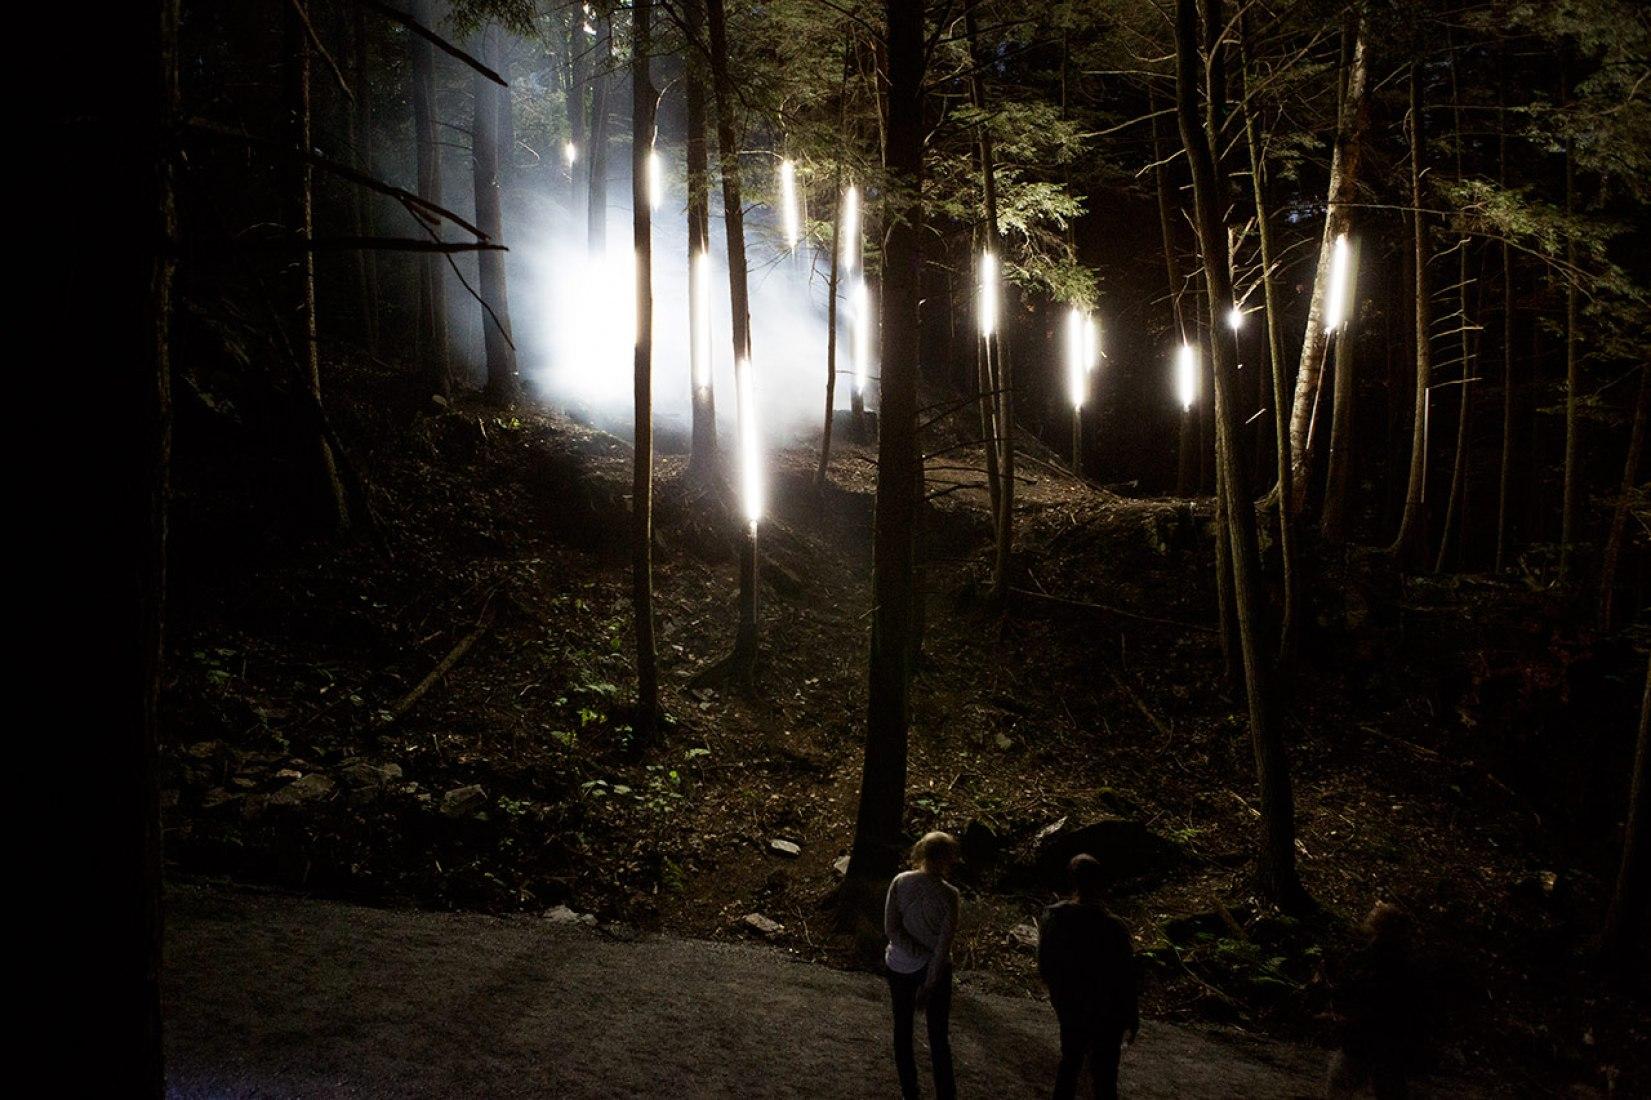 Foresta Lumina por Moment Factory. Imagen cortesía de Moment Factory.